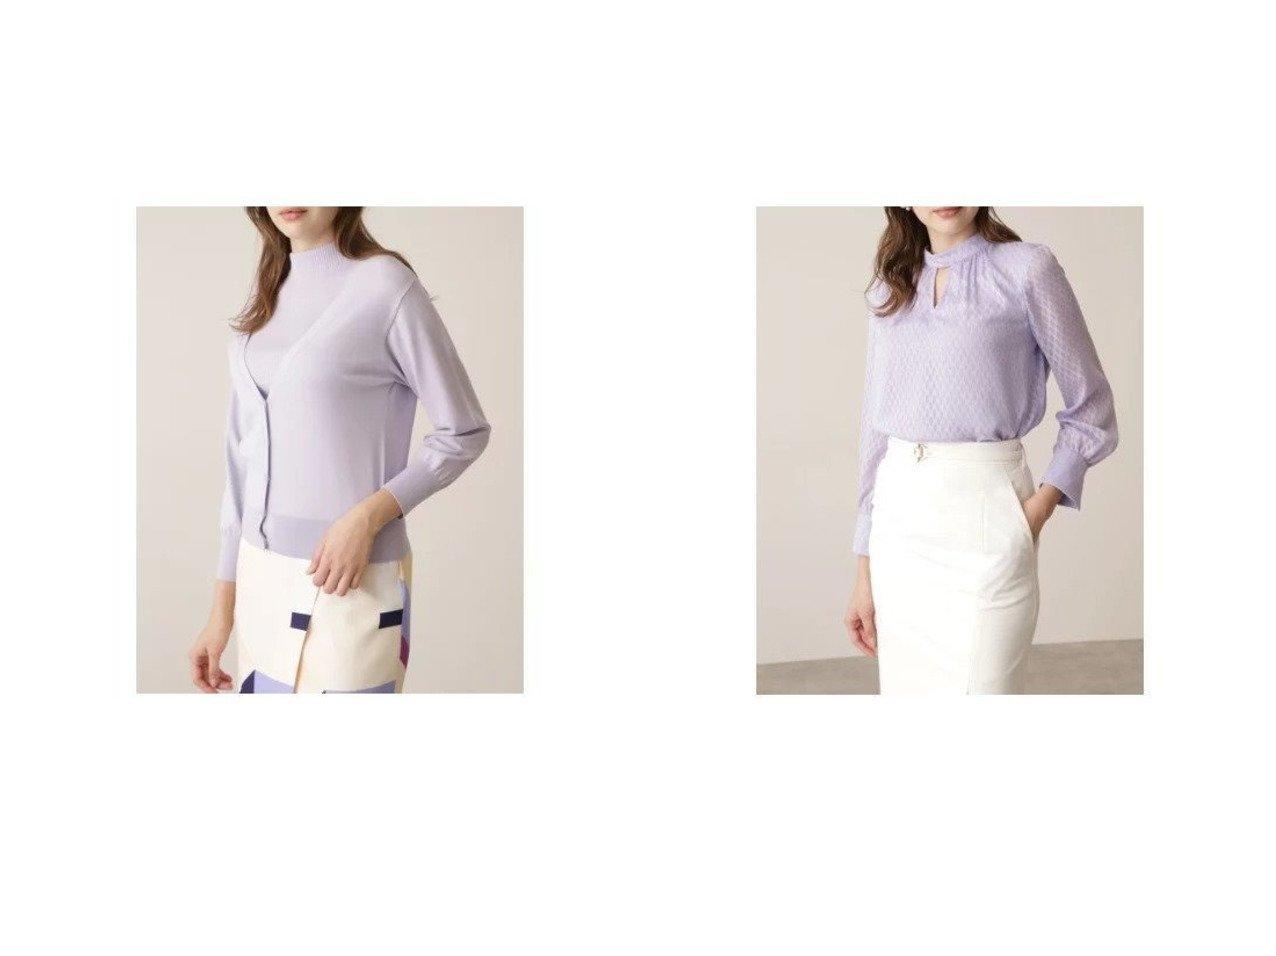 【Pinky&Dianne/ピンキーアンドダイアン】のVカーデレイヤードツインニット&カットジャガードスタンドカラーブラウス おすすめ!人気、トレンド・レディースファッションの通販  おすすめで人気の流行・トレンド、ファッションの通販商品 メンズファッション・キッズファッション・インテリア・家具・レディースファッション・服の通販 founy(ファニー) https://founy.com/ ファッション Fashion レディースファッション WOMEN トップス・カットソー Tops/Tshirt ニット Knit Tops カーディガン Cardigans シャツ/ブラウス Shirts/Blouses インナー カーディガン シンプル ストレッチ スリム エアリー ギャザー シフォン ジャカード スタンド |ID:crp329100000026024